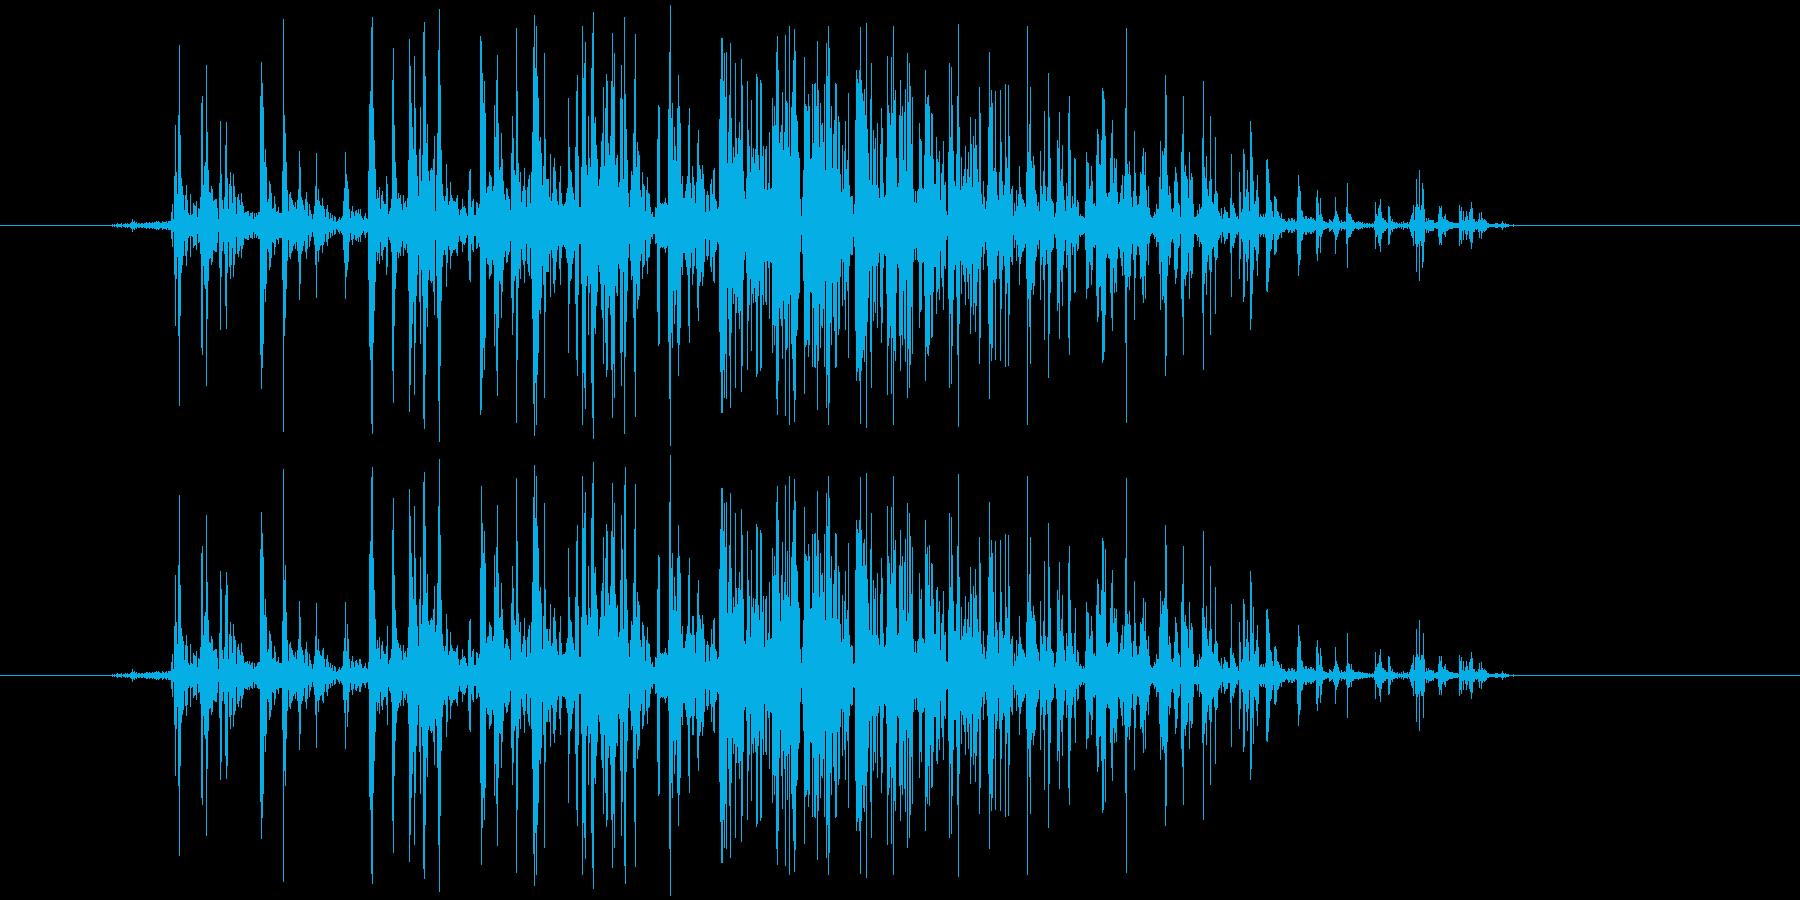 ベリ(ベルクロ)の再生済みの波形